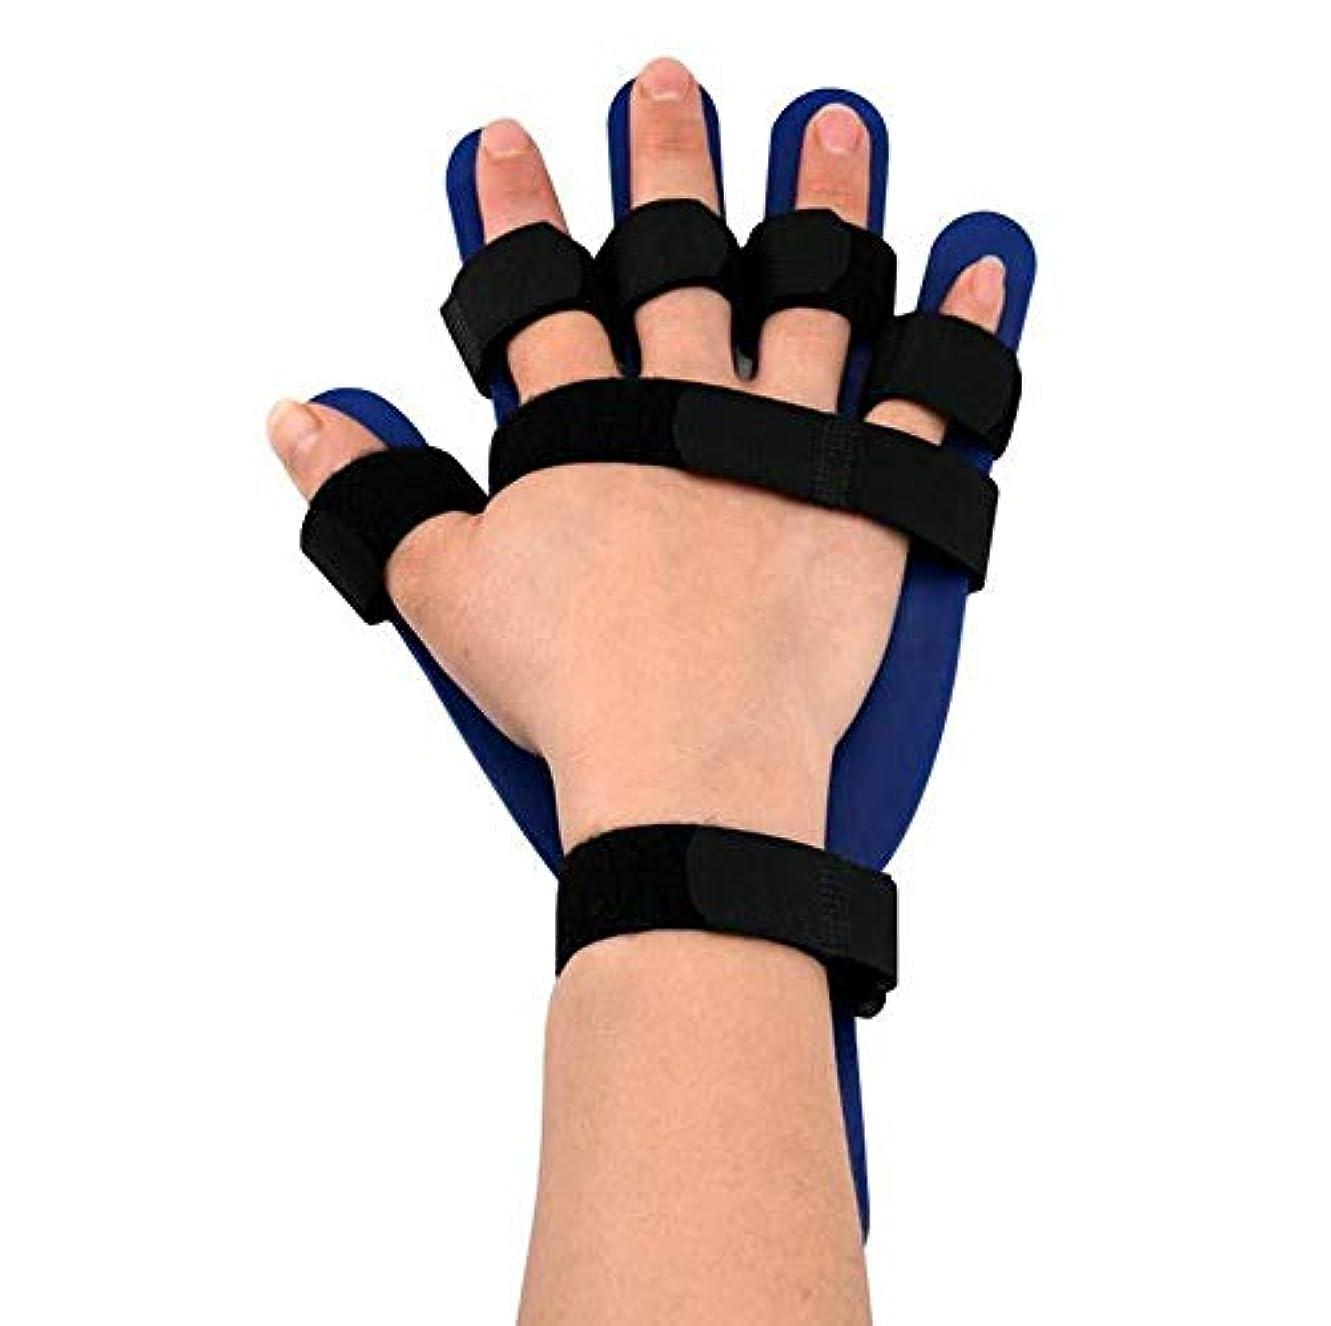 見つけるコミット全体親指サポートトリガーフィンガースプリント、右手首スプリントユニセックスフィンガープレート,Right Hand